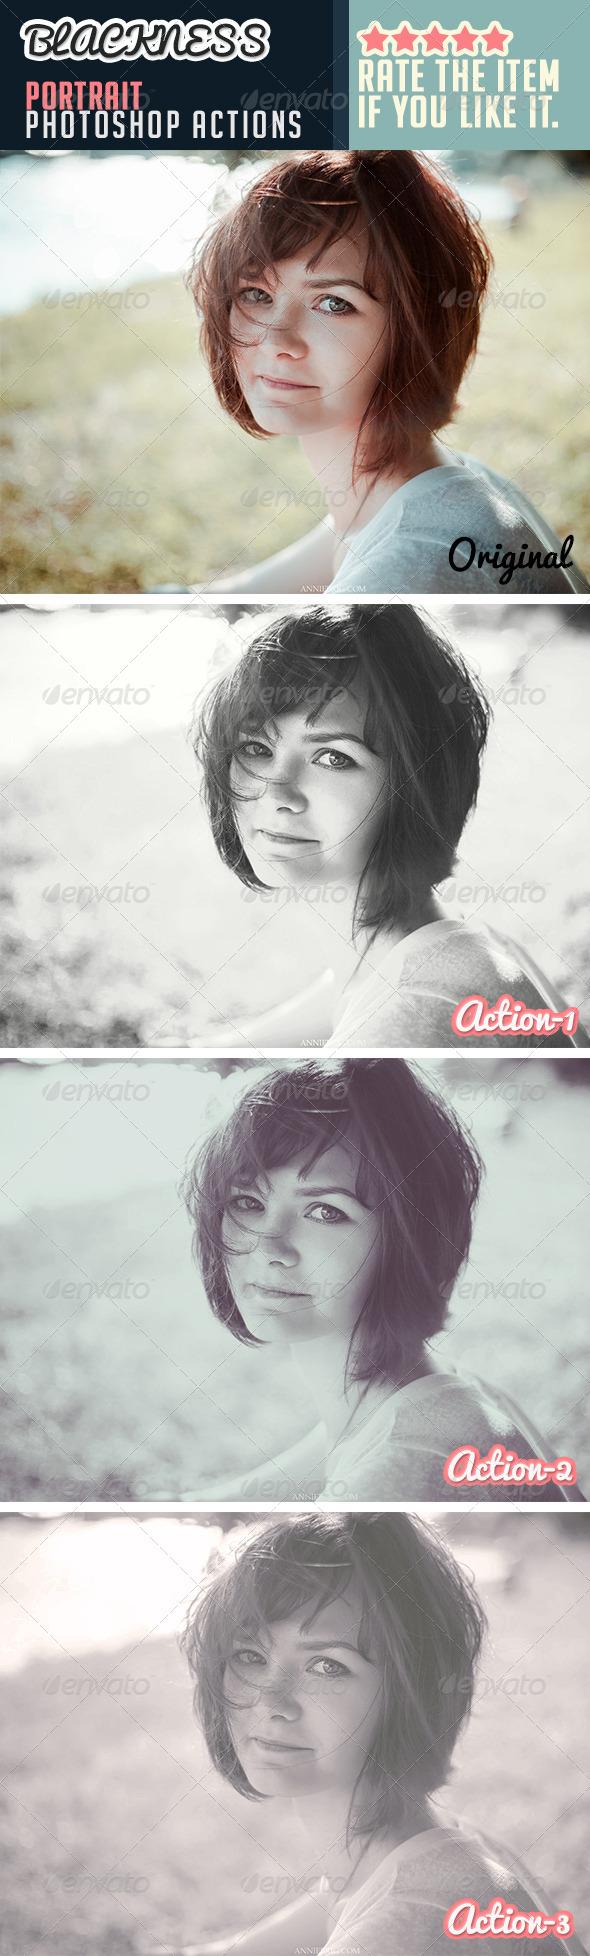 GraphicRiver Blackness Portrait Photoshop Actions 7591783